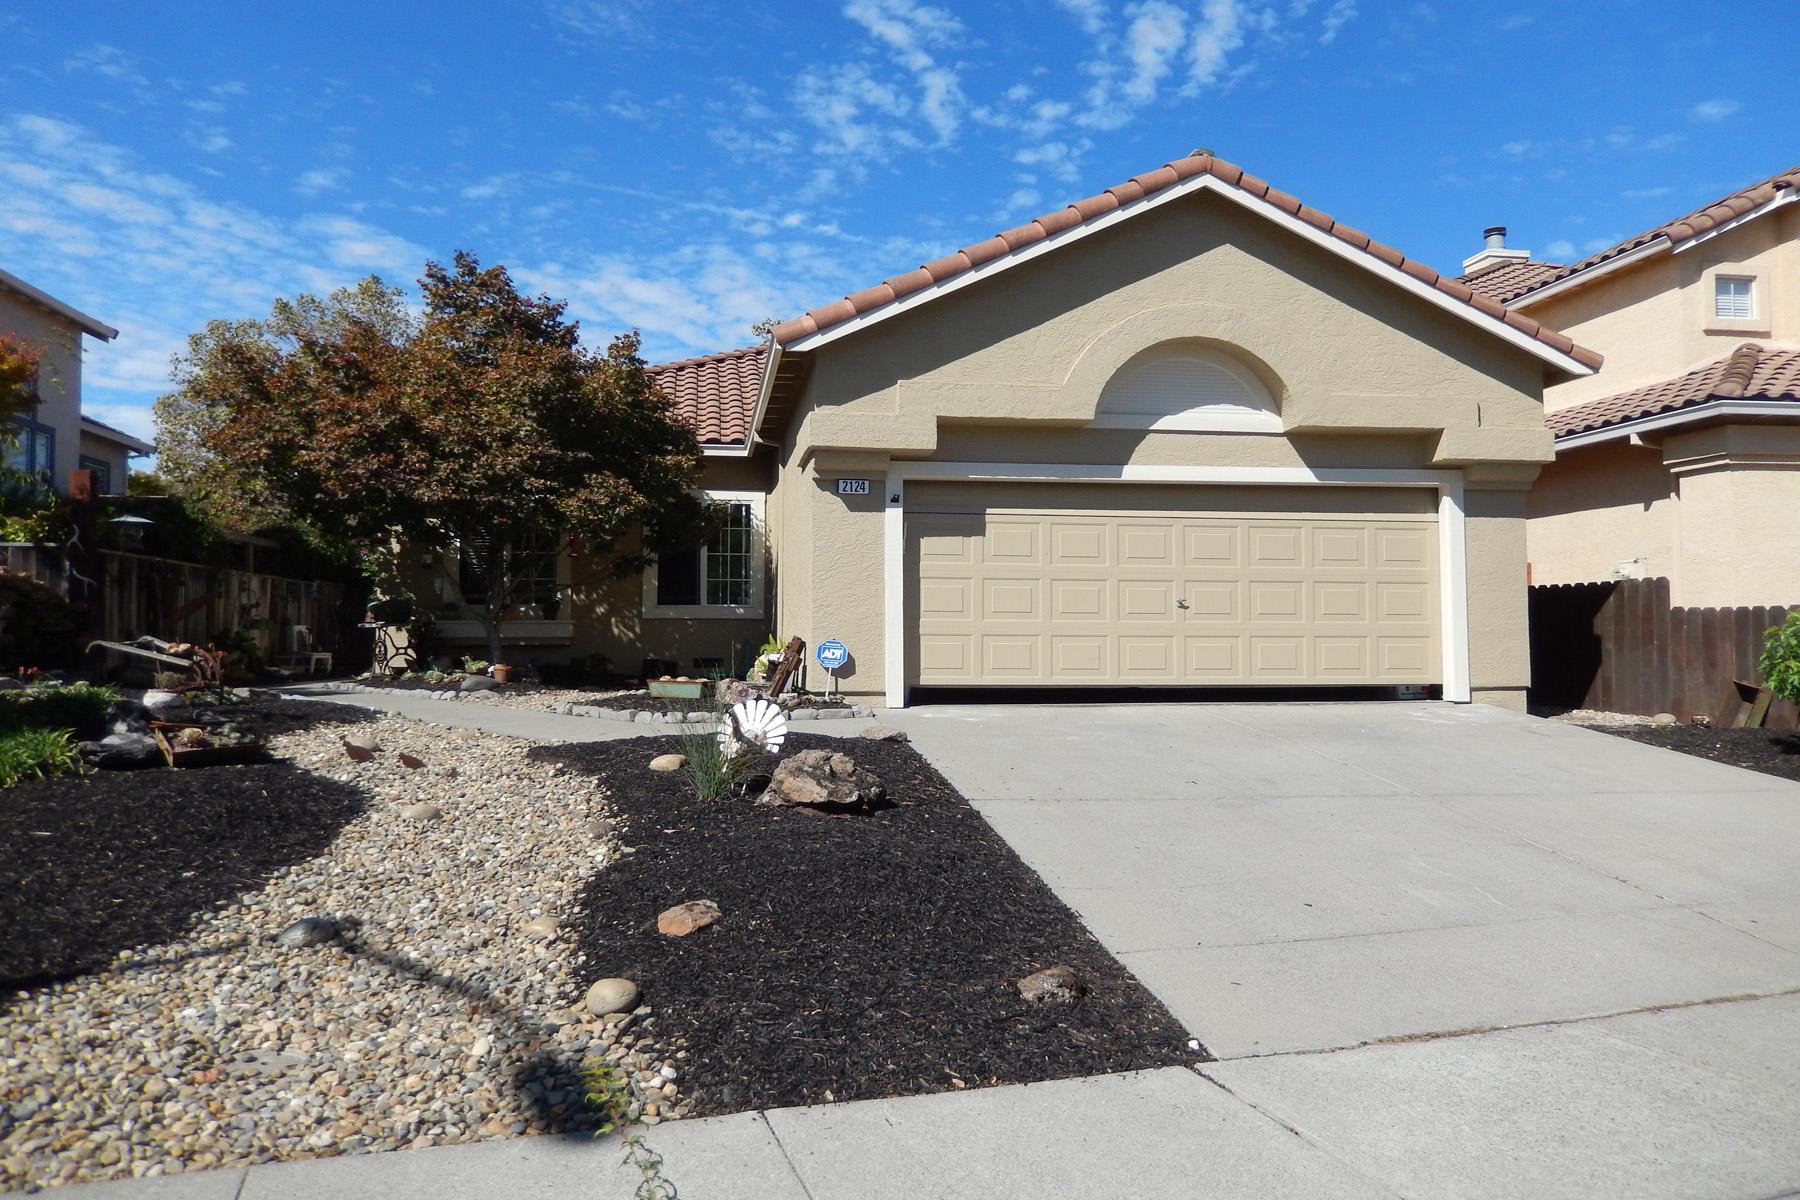 Casa Unifamiliar por un Venta en 2124 Camenson St, Napa, CA 94558 2124 Camenson St Napa, California 94558 Estados Unidos